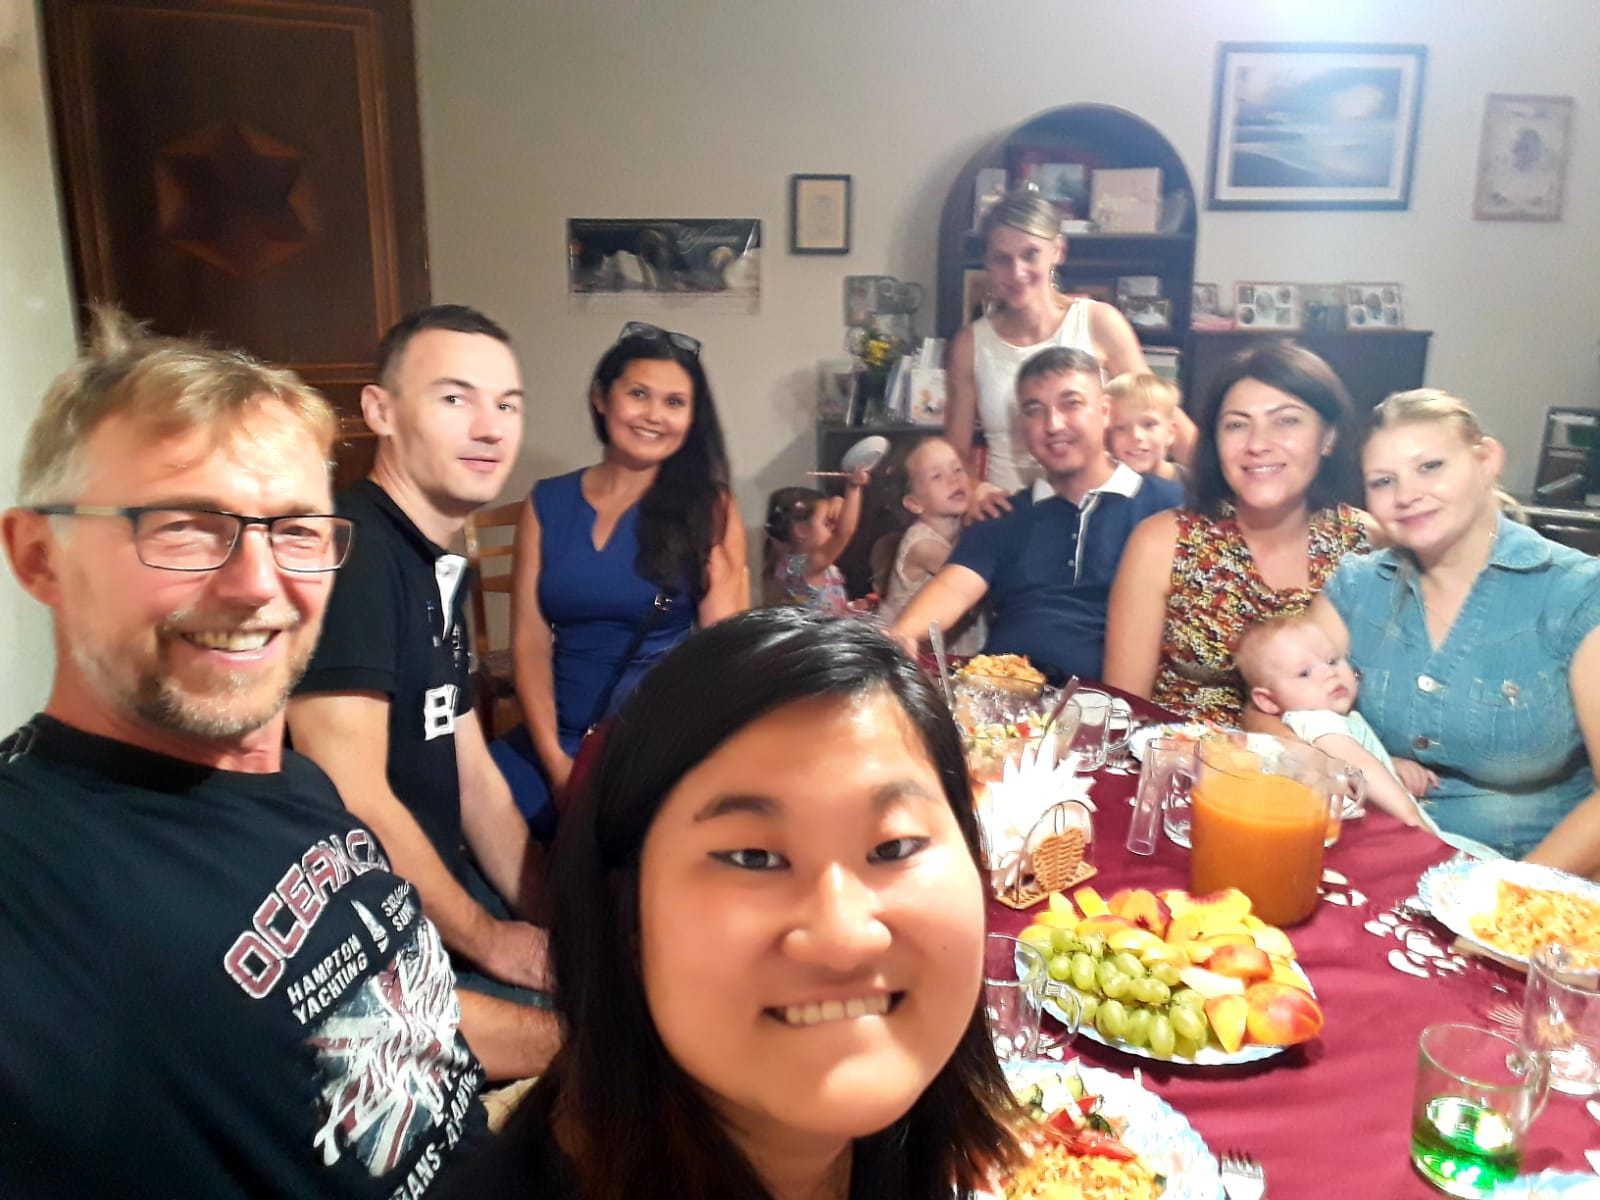 Mit Freunden in unserer Alten Wohnung